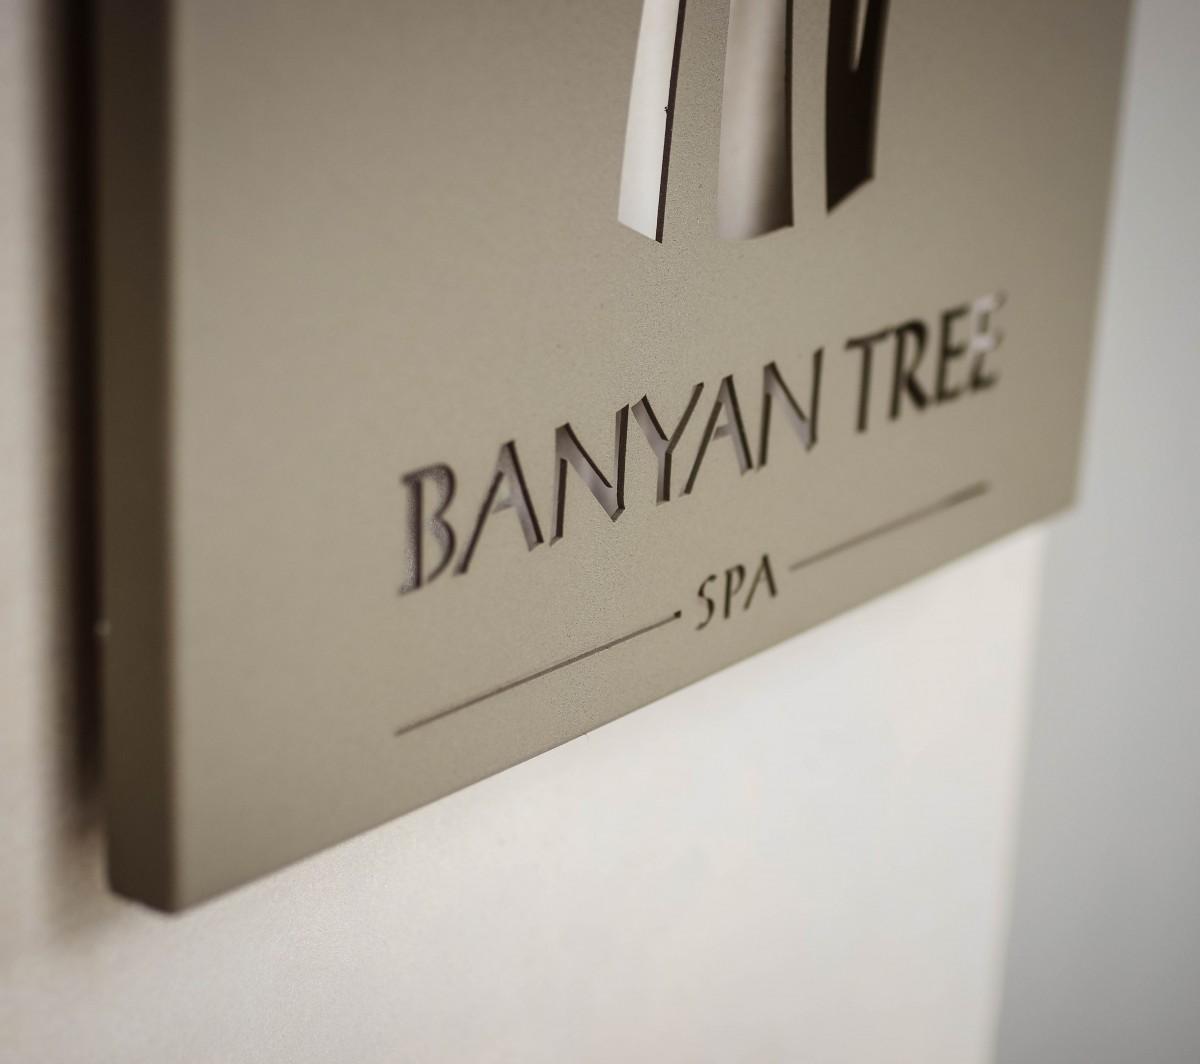 Banyan Tree Tamouda Bay Spa